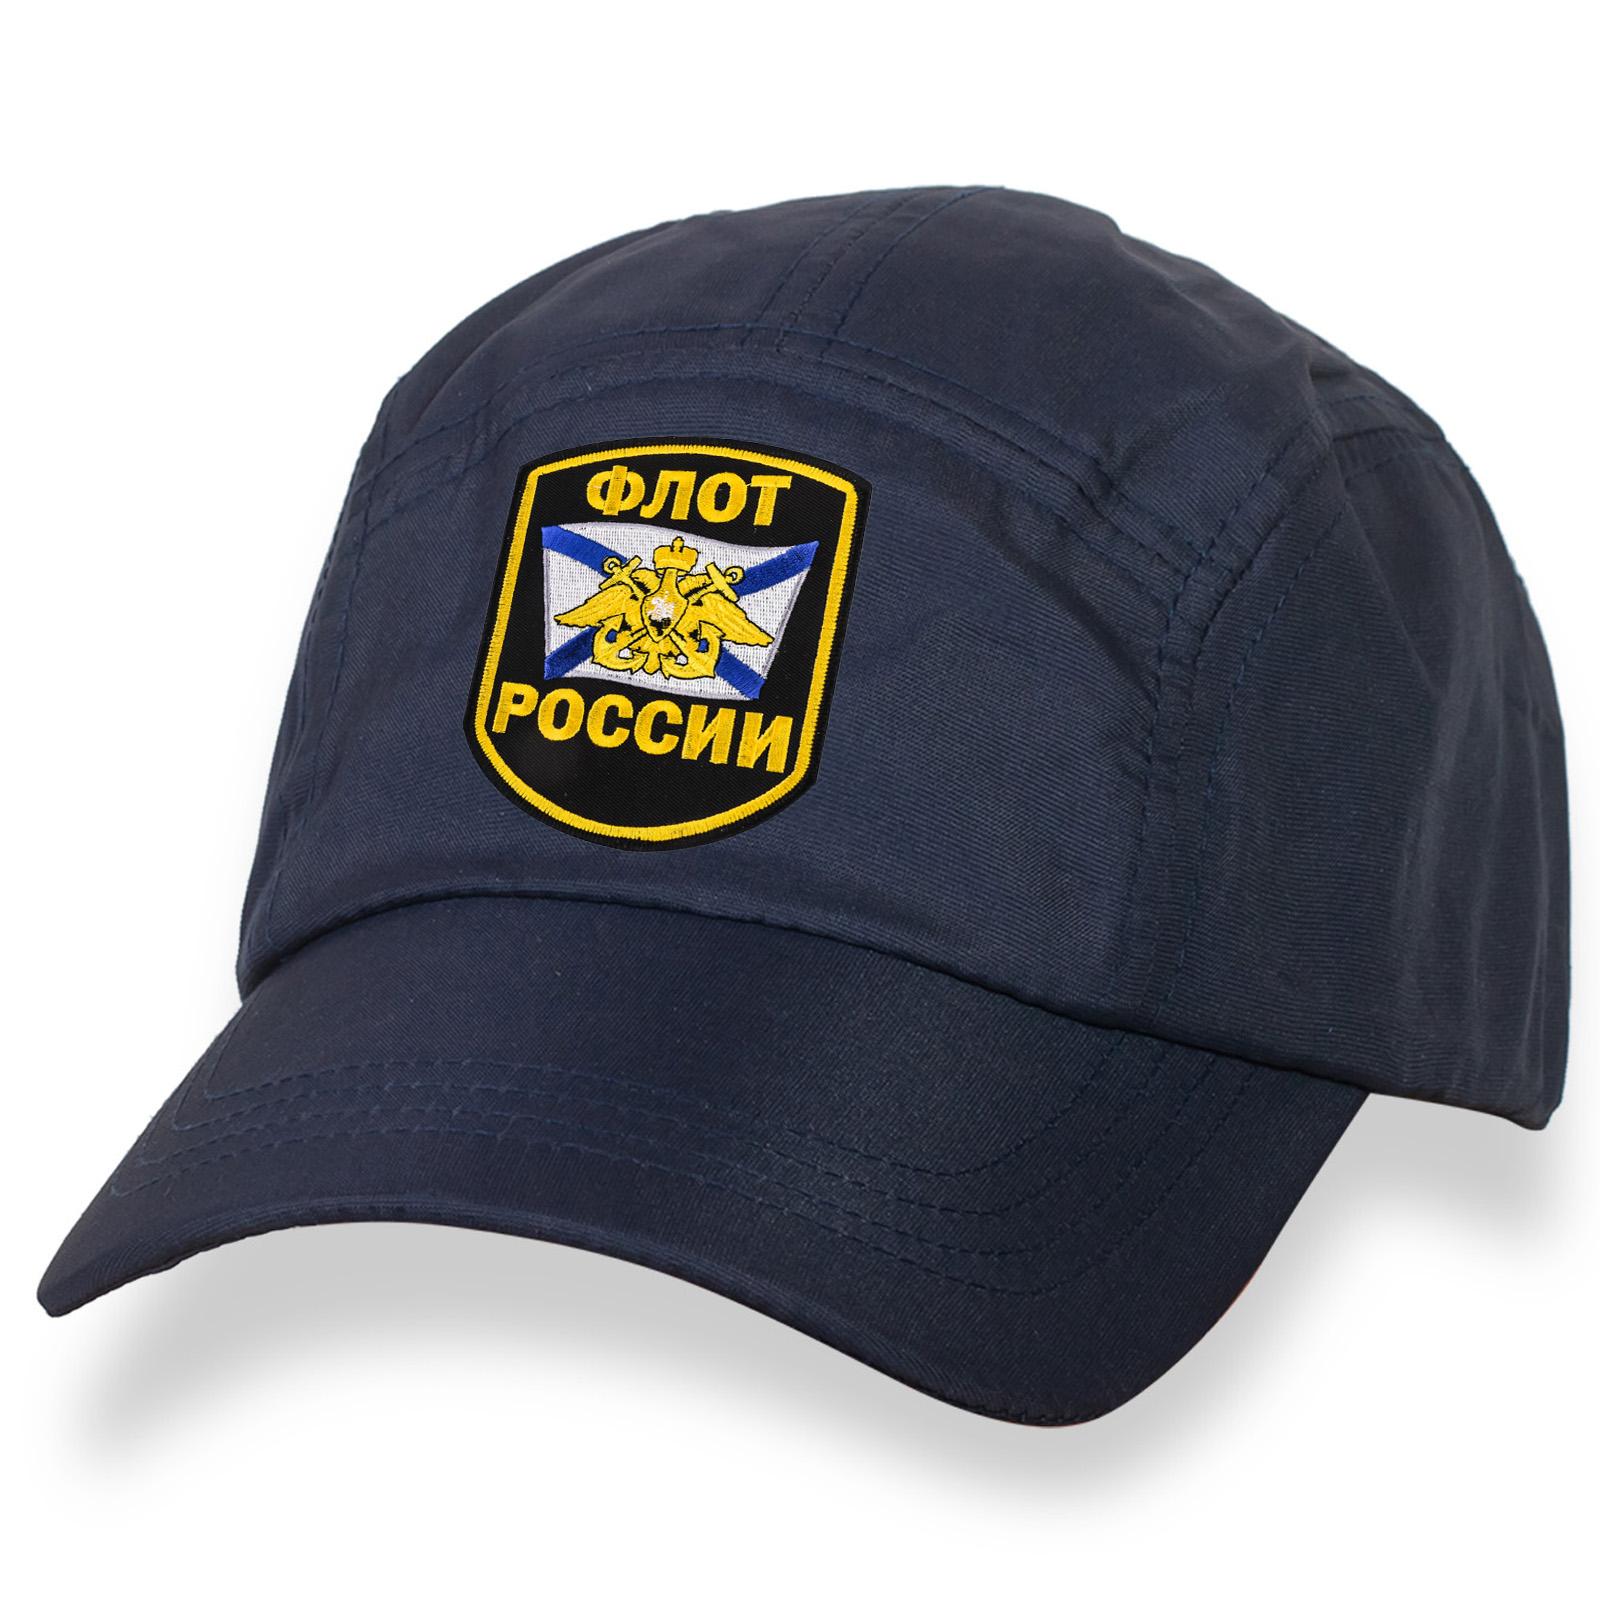 Мужская бейсболка с вышивкой Флот России.